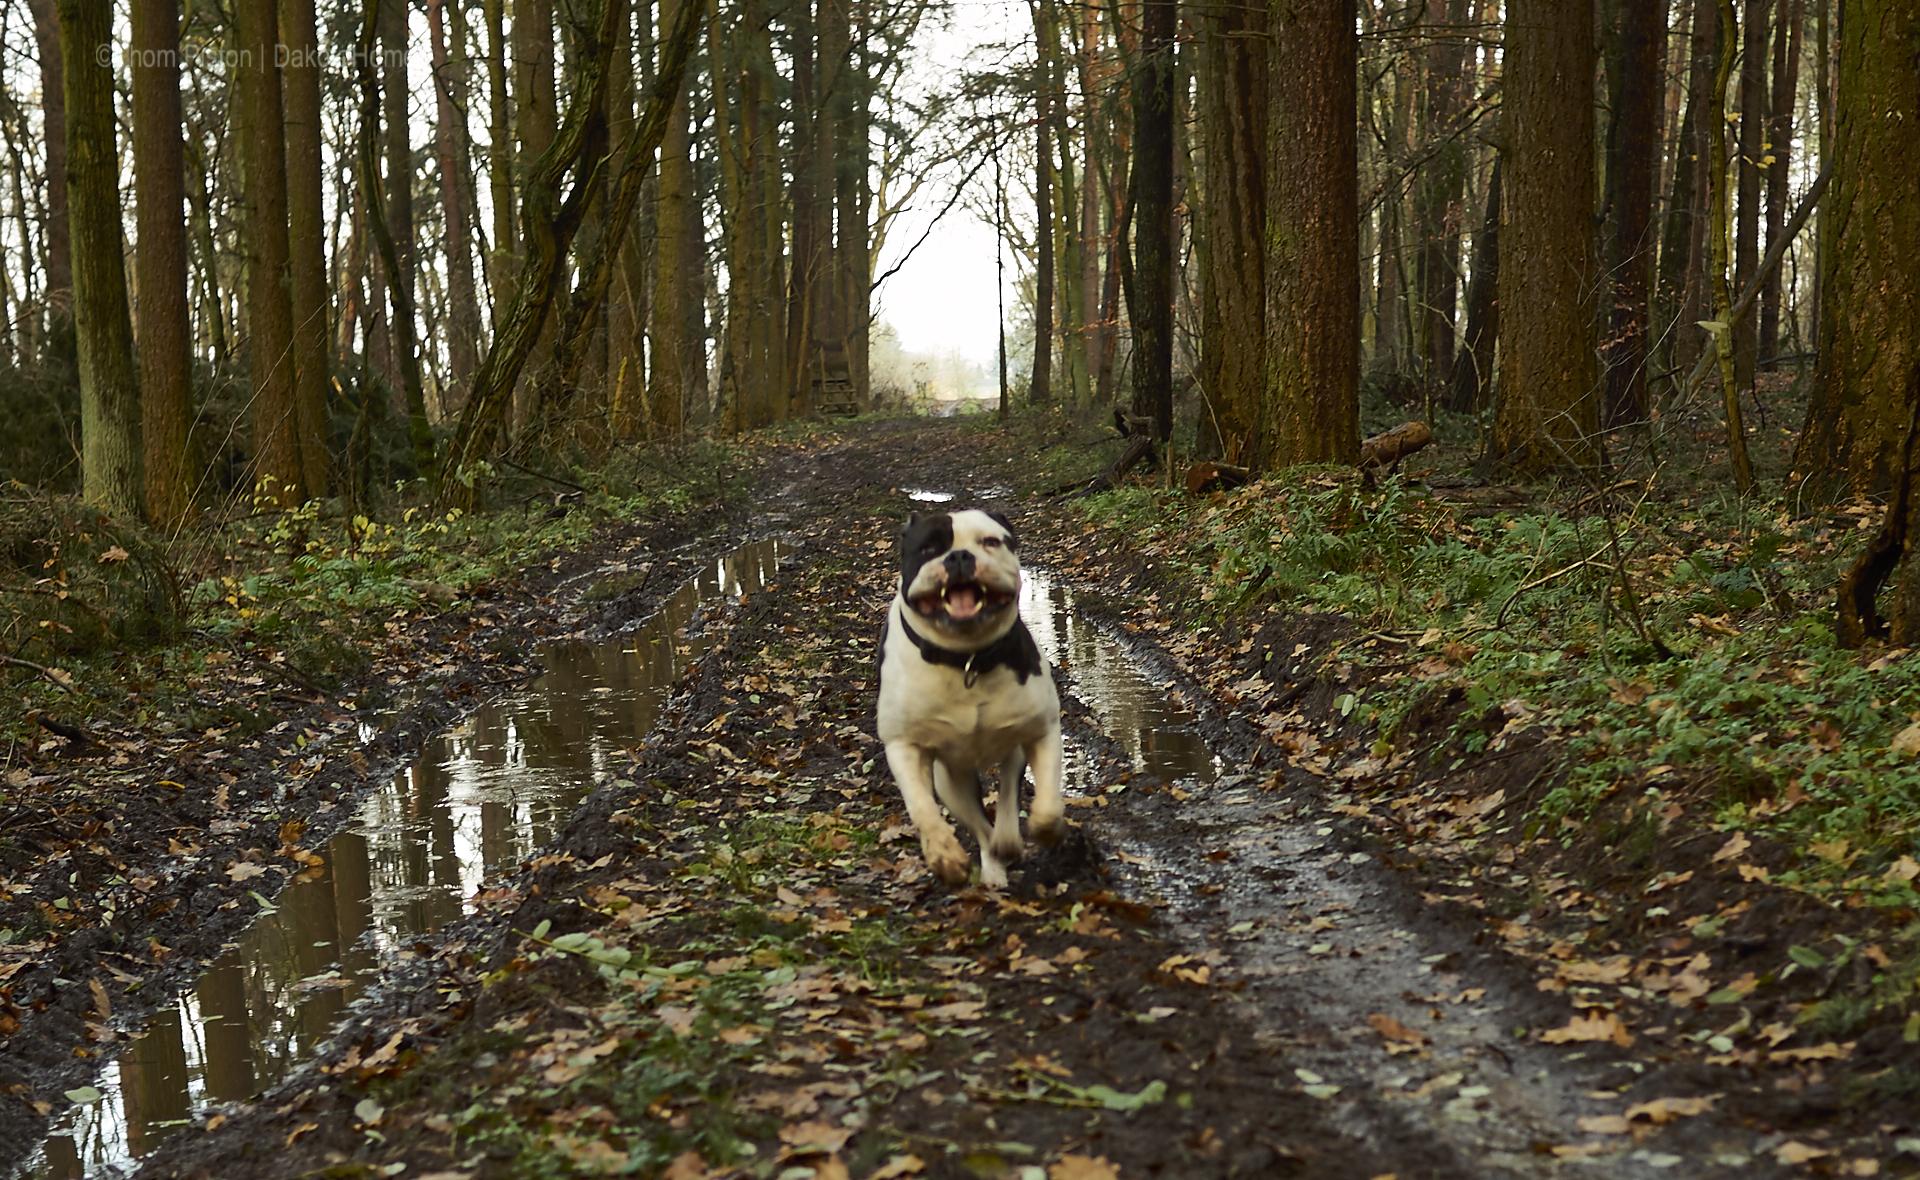 alwin die bulldogge unterwegs beim ruhig durch den wald laufen..